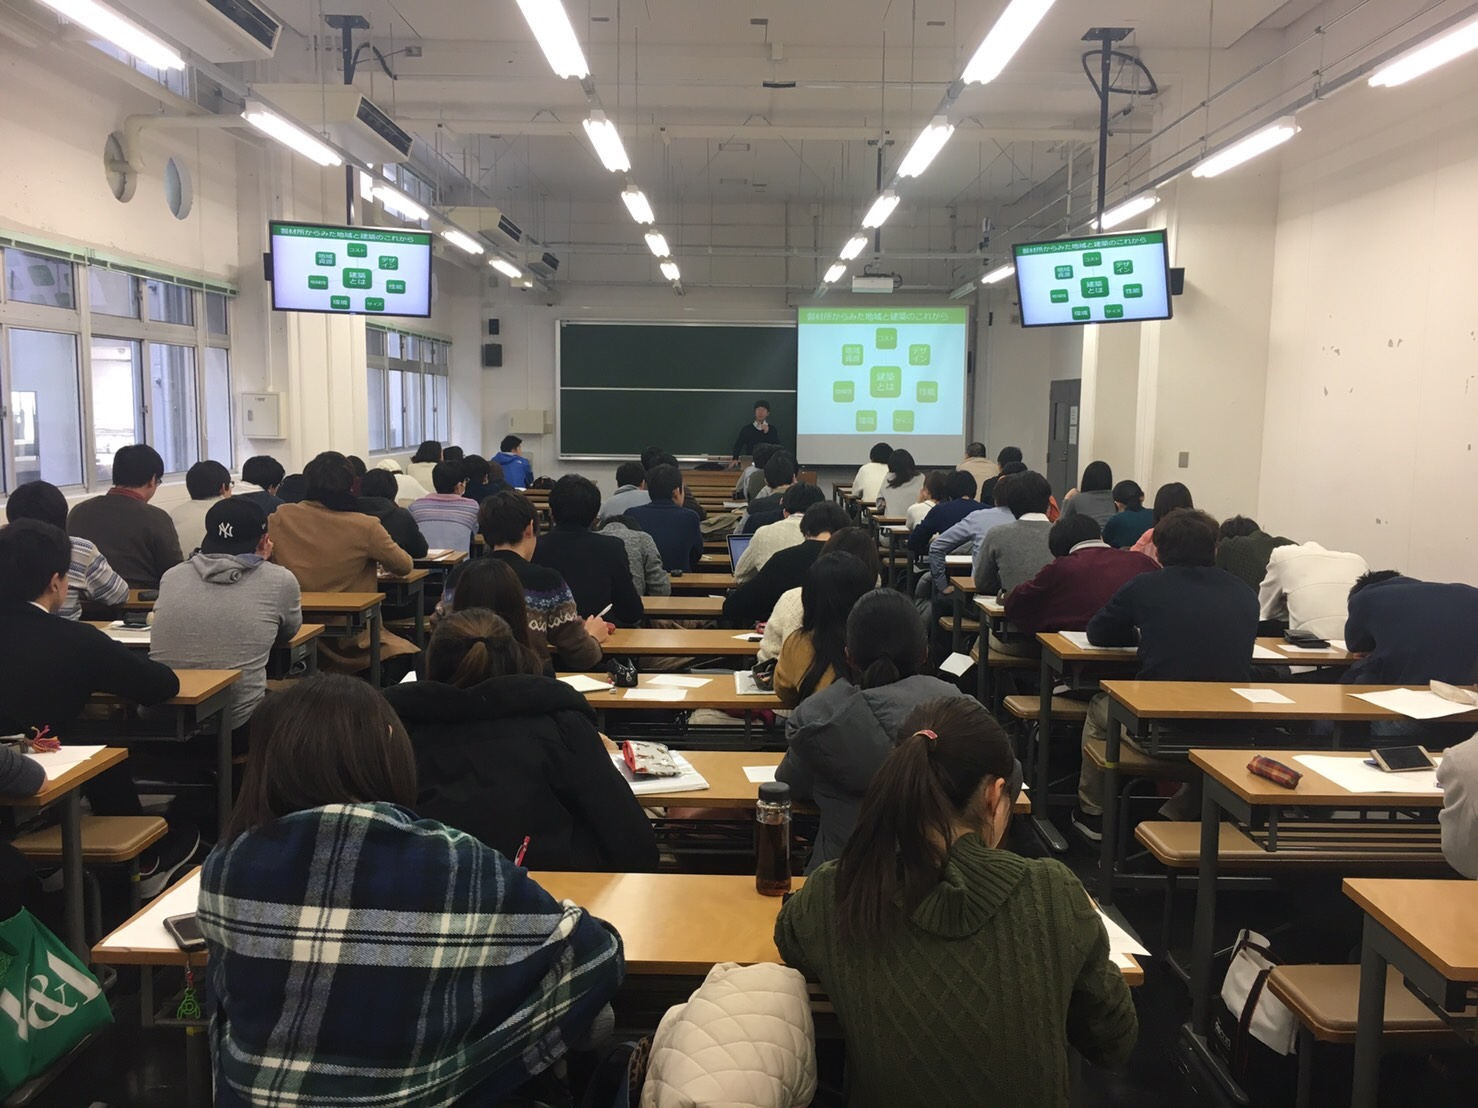 早稲田大学建築学科 「広域環境論」での特別講義の様子(2017.1.13)